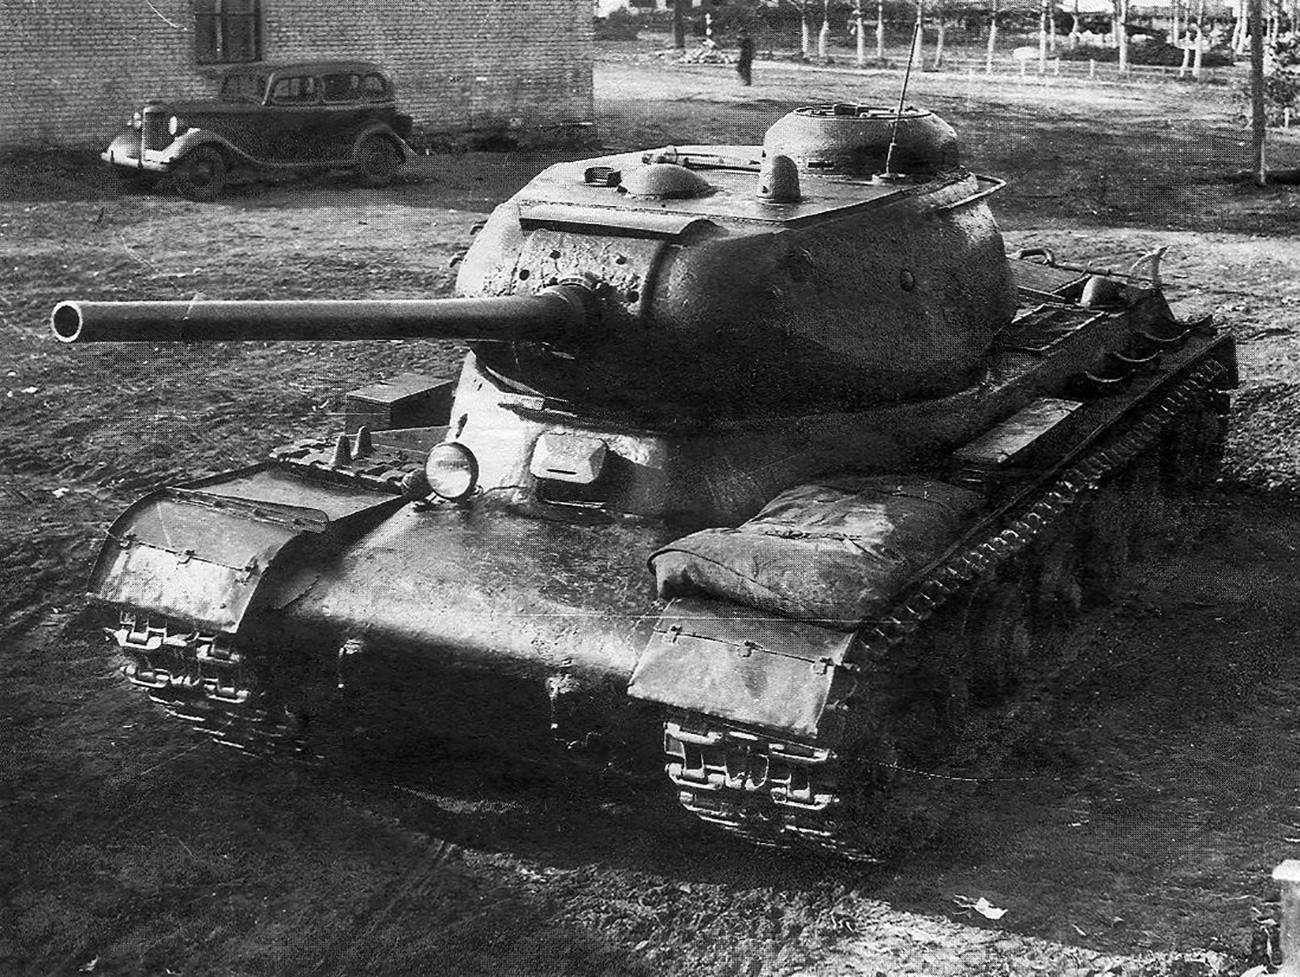 """Прототип на советски тежок тенк """"Јосиф Сталин 1"""" (ИС-1)"""